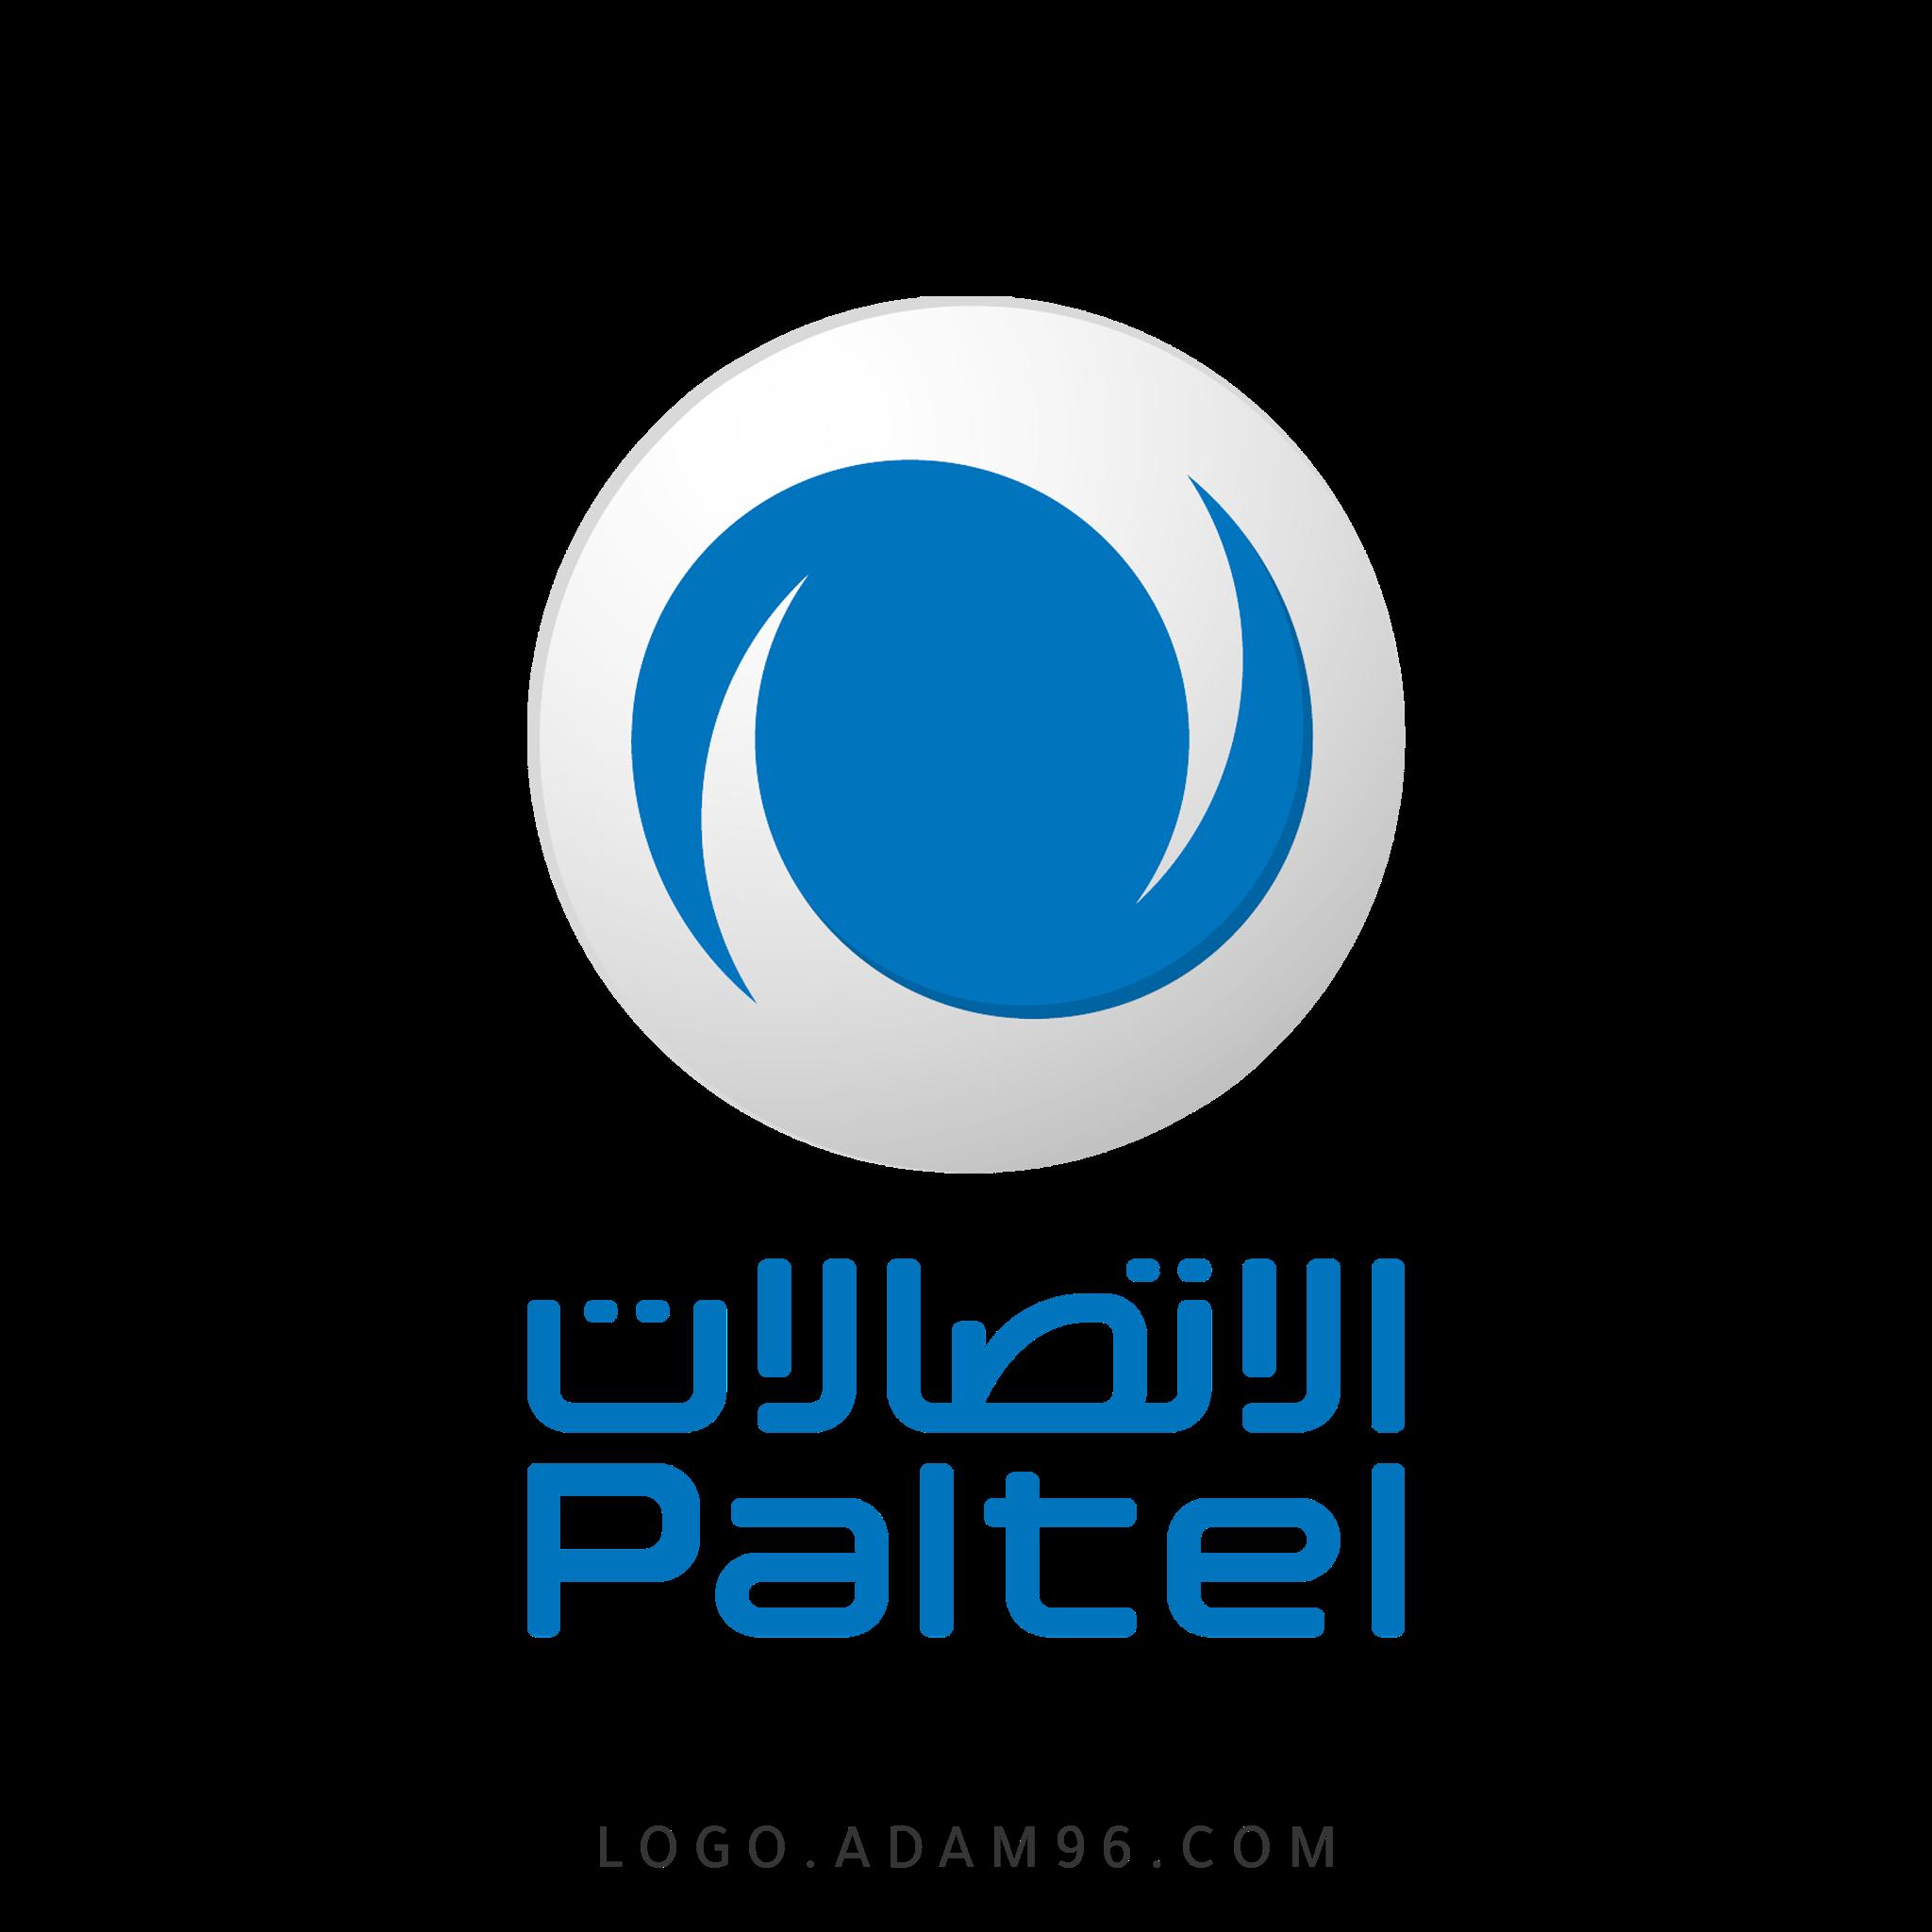 تحميل شعار شركة الاتصالات الفلسطينية لوجو رسمي Logo Paltel PNG